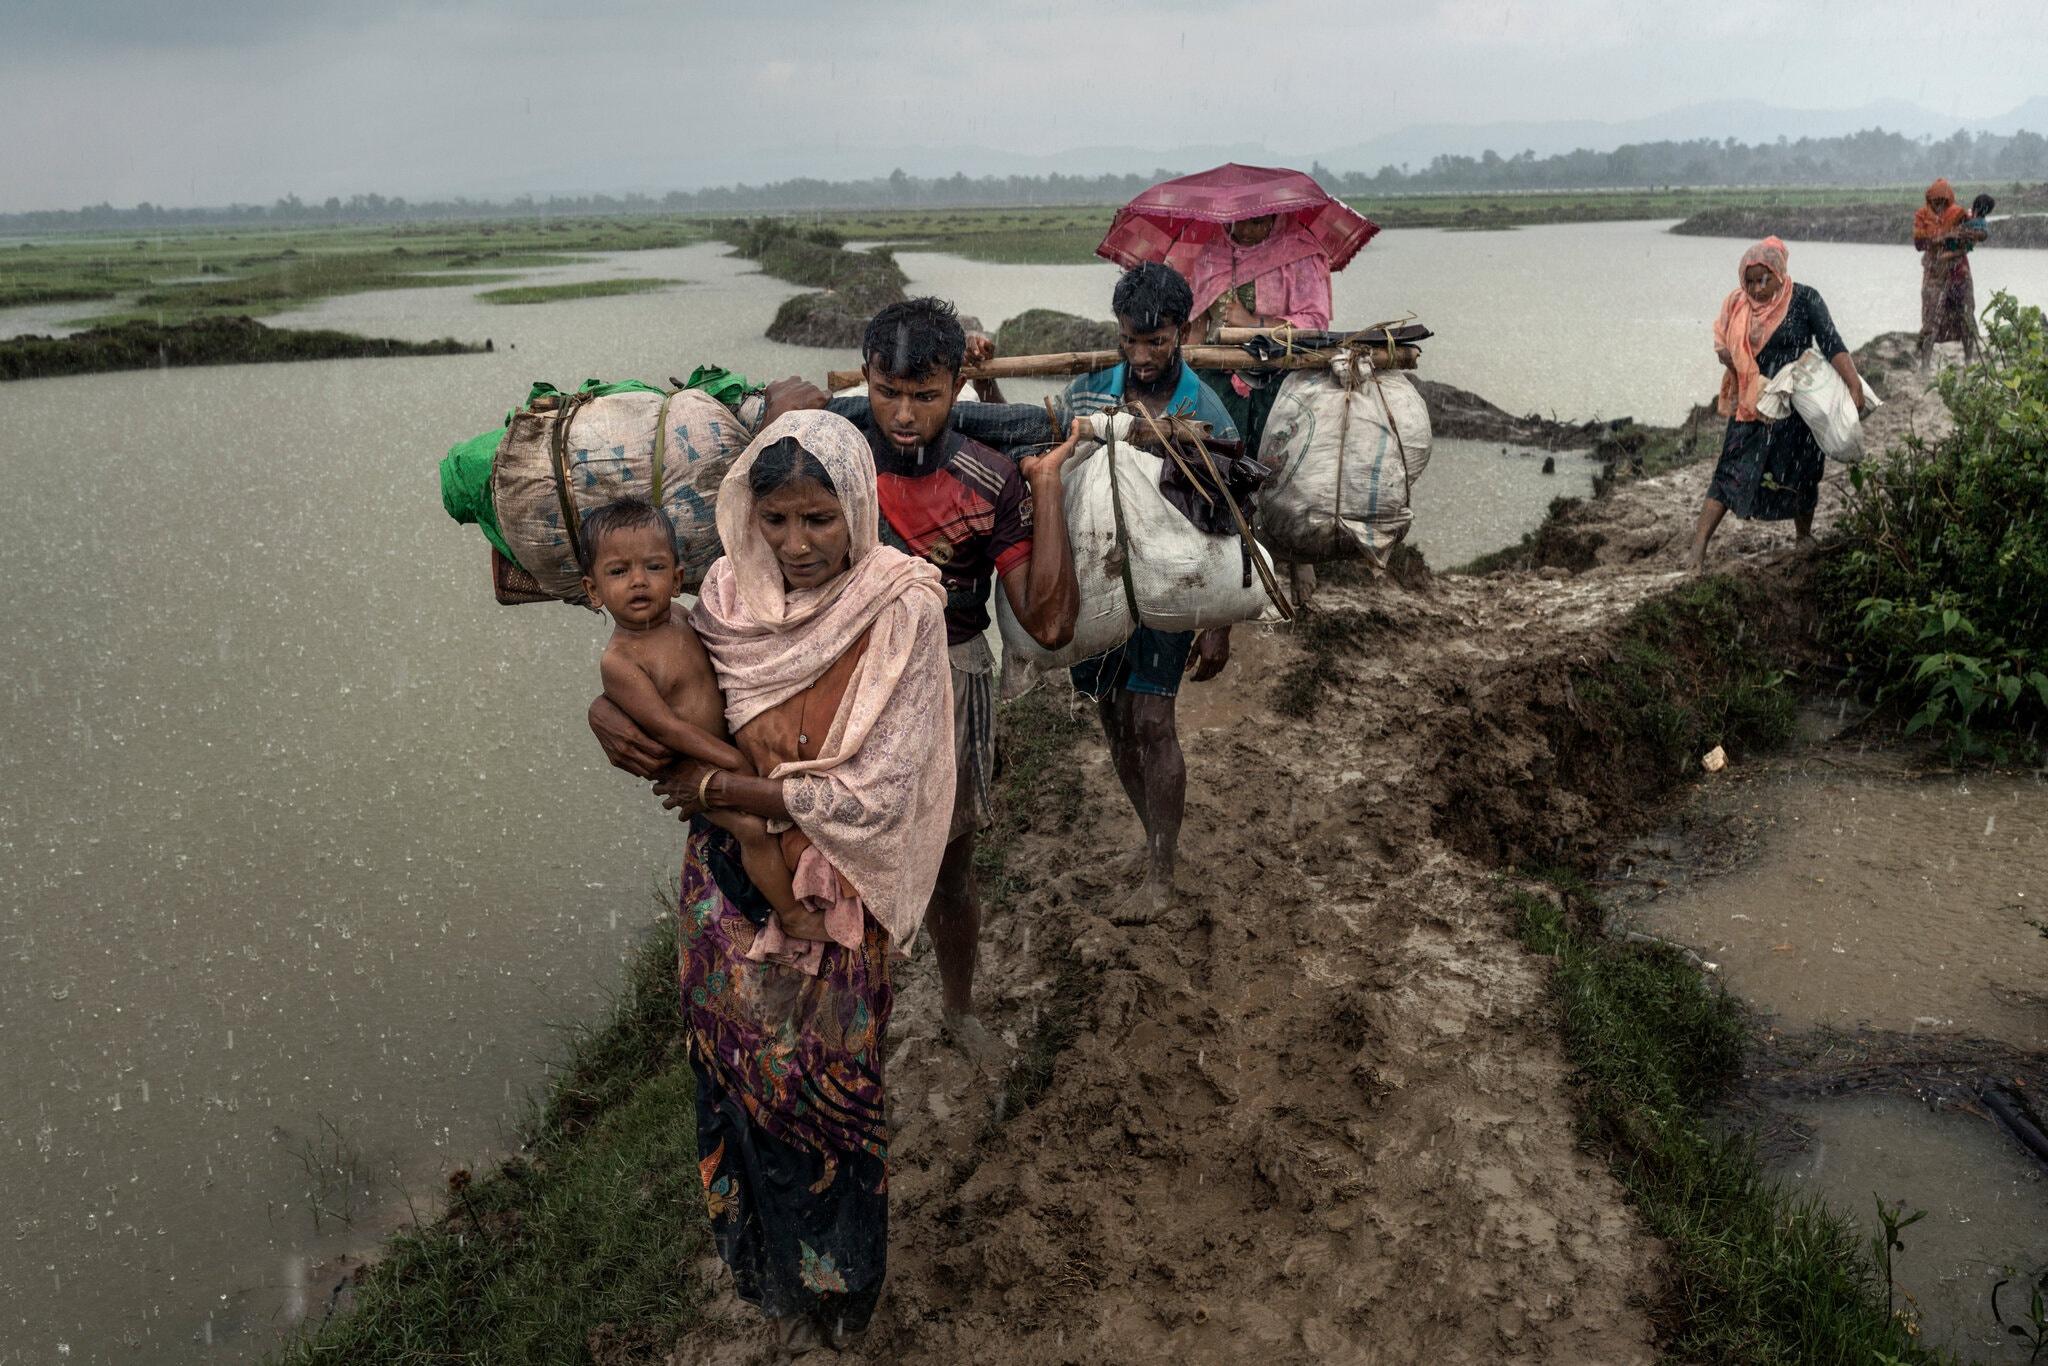 Người thiểu số ở một số bang của Myanmar phải tị nạn sang Bangladesh do tình hình bạo lực, bất ổn. Ảnh: New York Times.